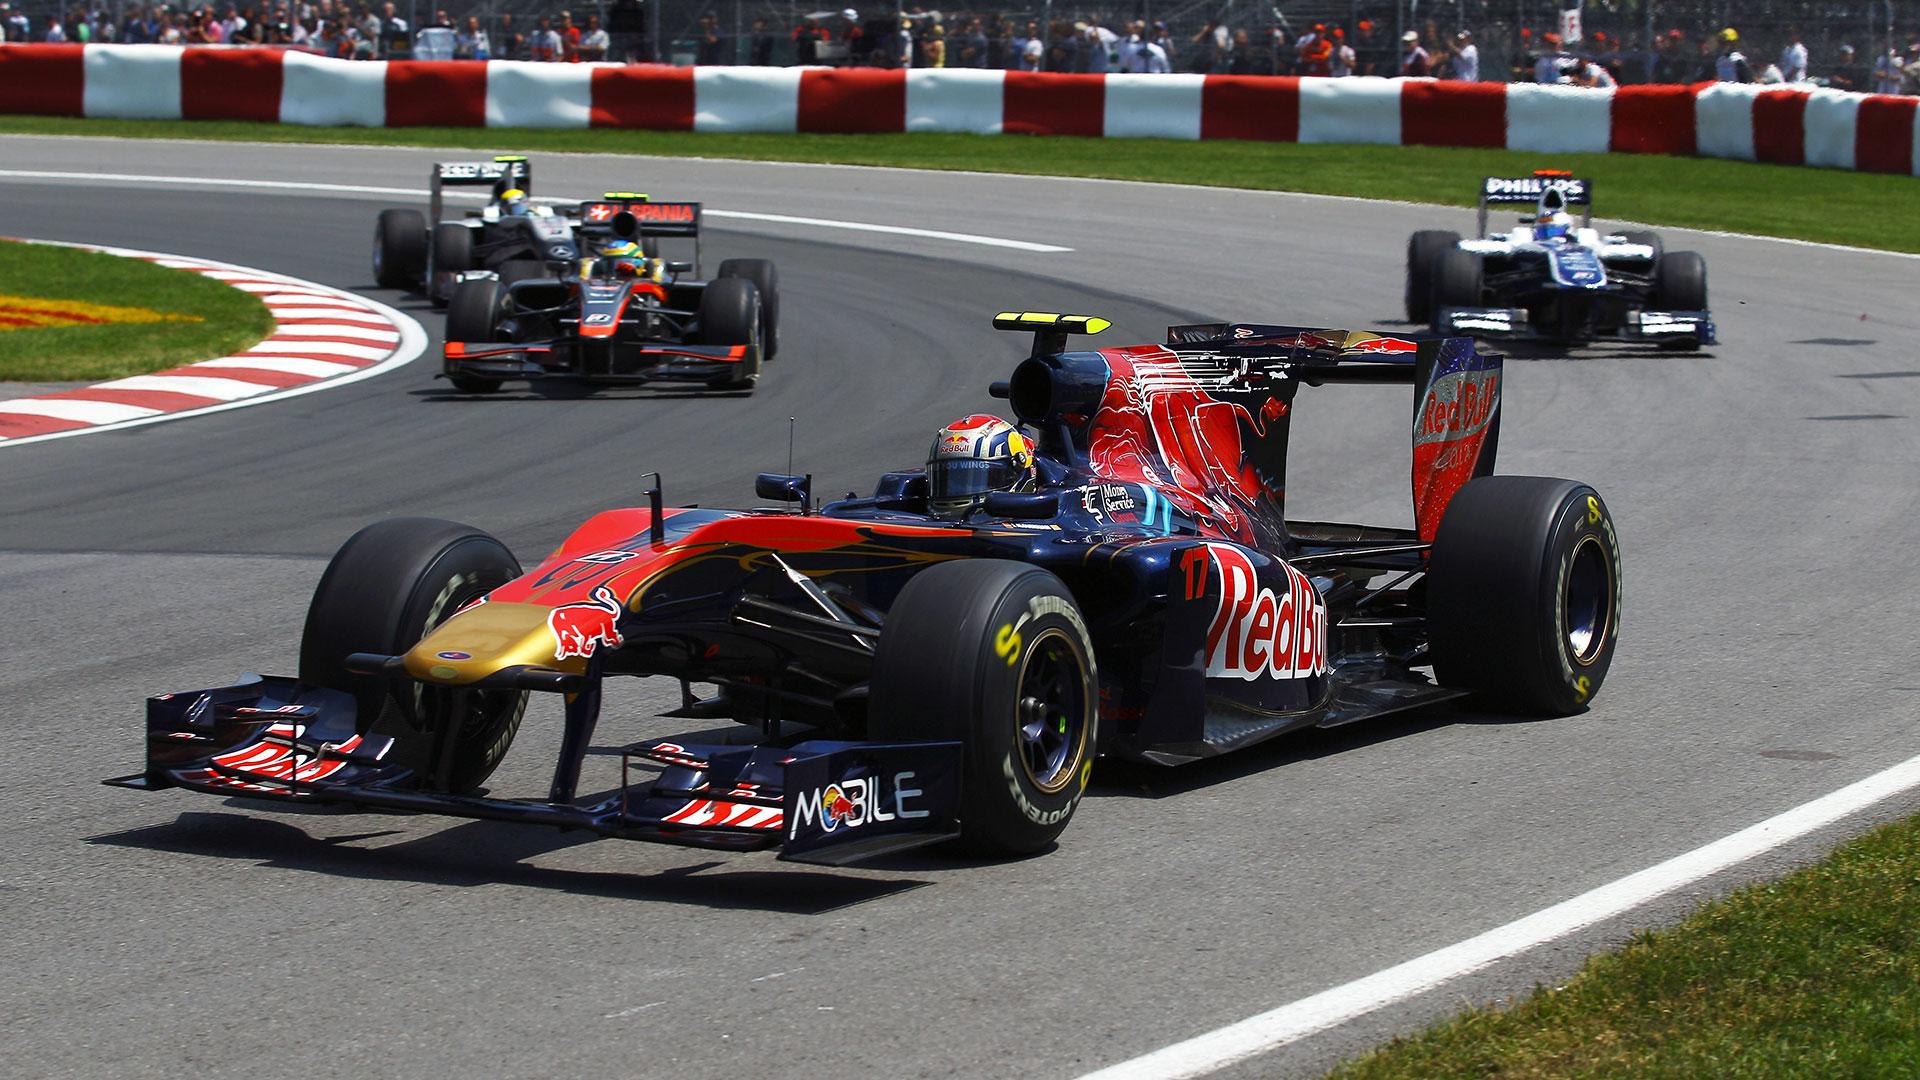 HD Wallpapers 2010 Formula 1 Grand Prix of Canada | F1 ...